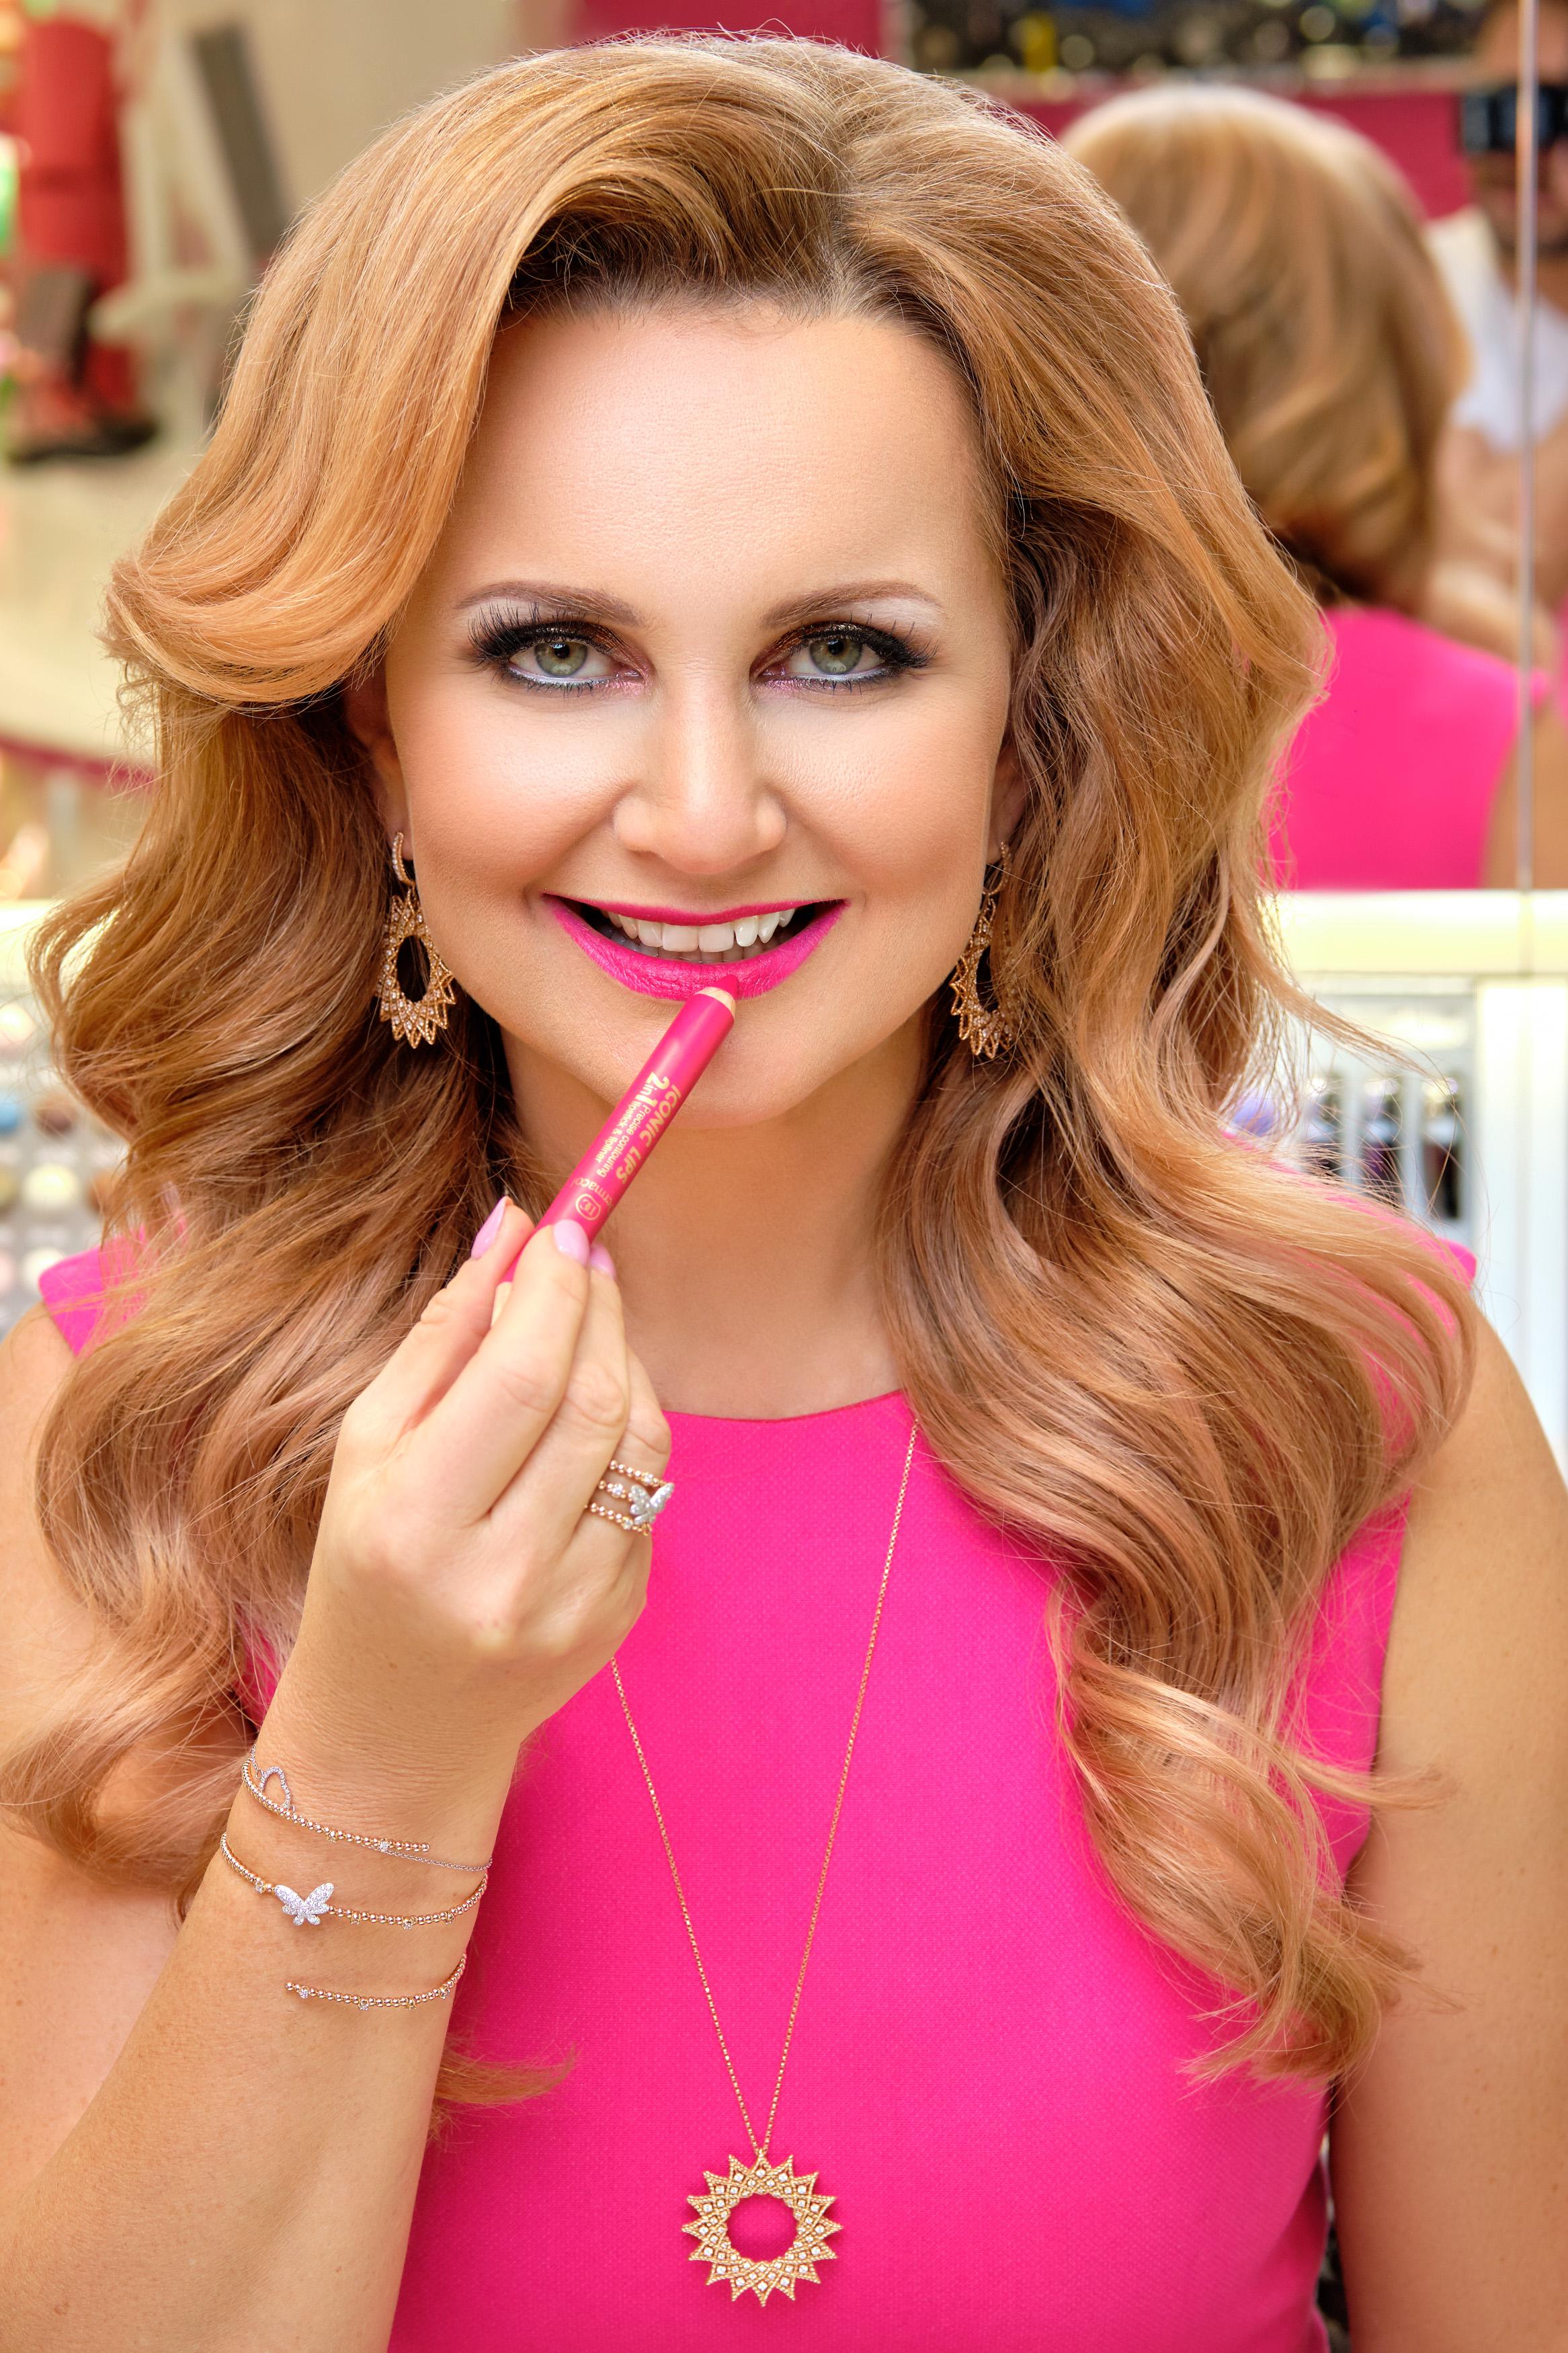 6_Věra Komárová se rtěnkou Iconic Lips v růžovém odstínu_foto Dermacol_repro zdarma